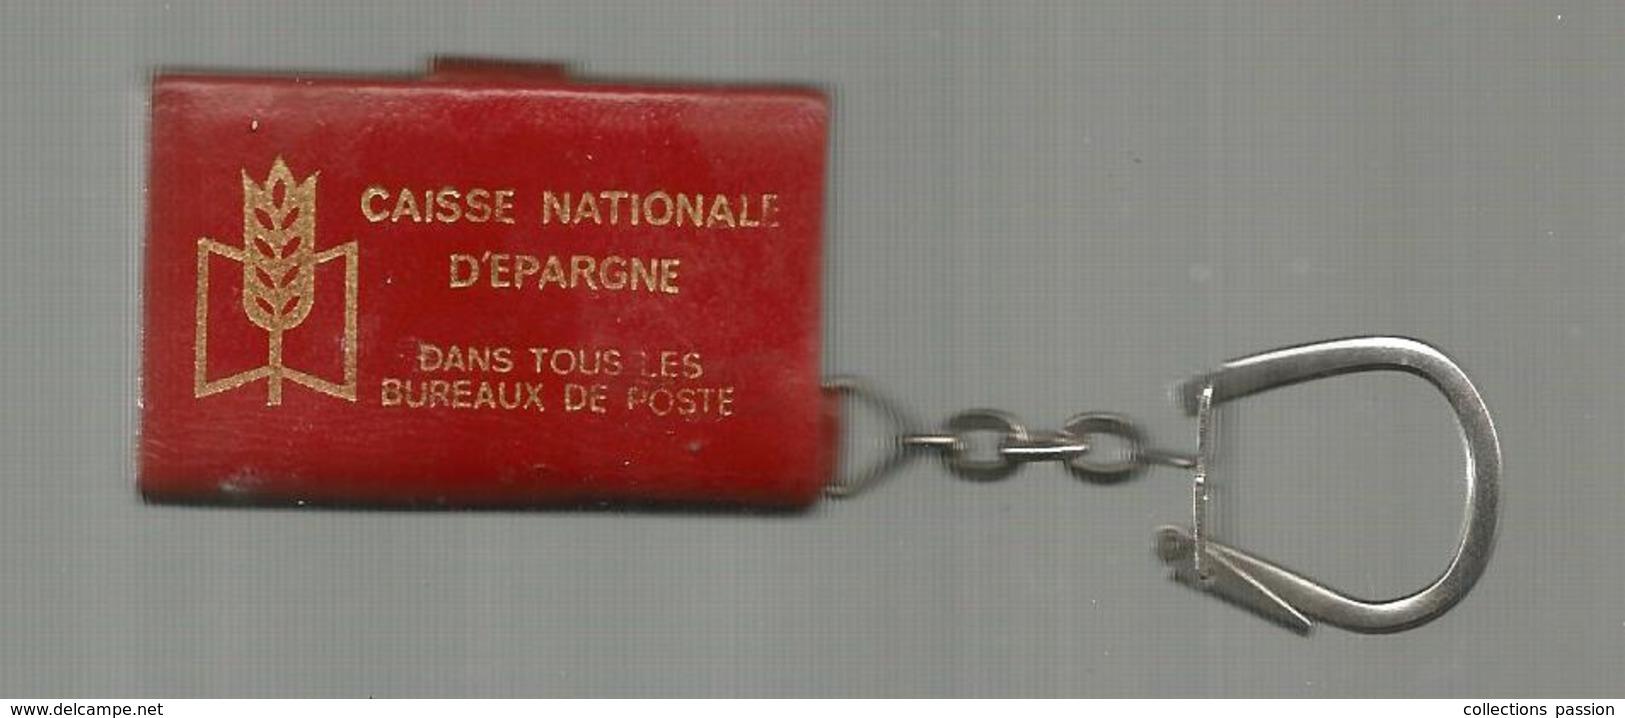 Porte Clefs, Clés,  AGENDA , Caisse Nationale D'Epargne , La Poste , 2 Scans ,  Frais Fr 2.45 E - Porte-clefs